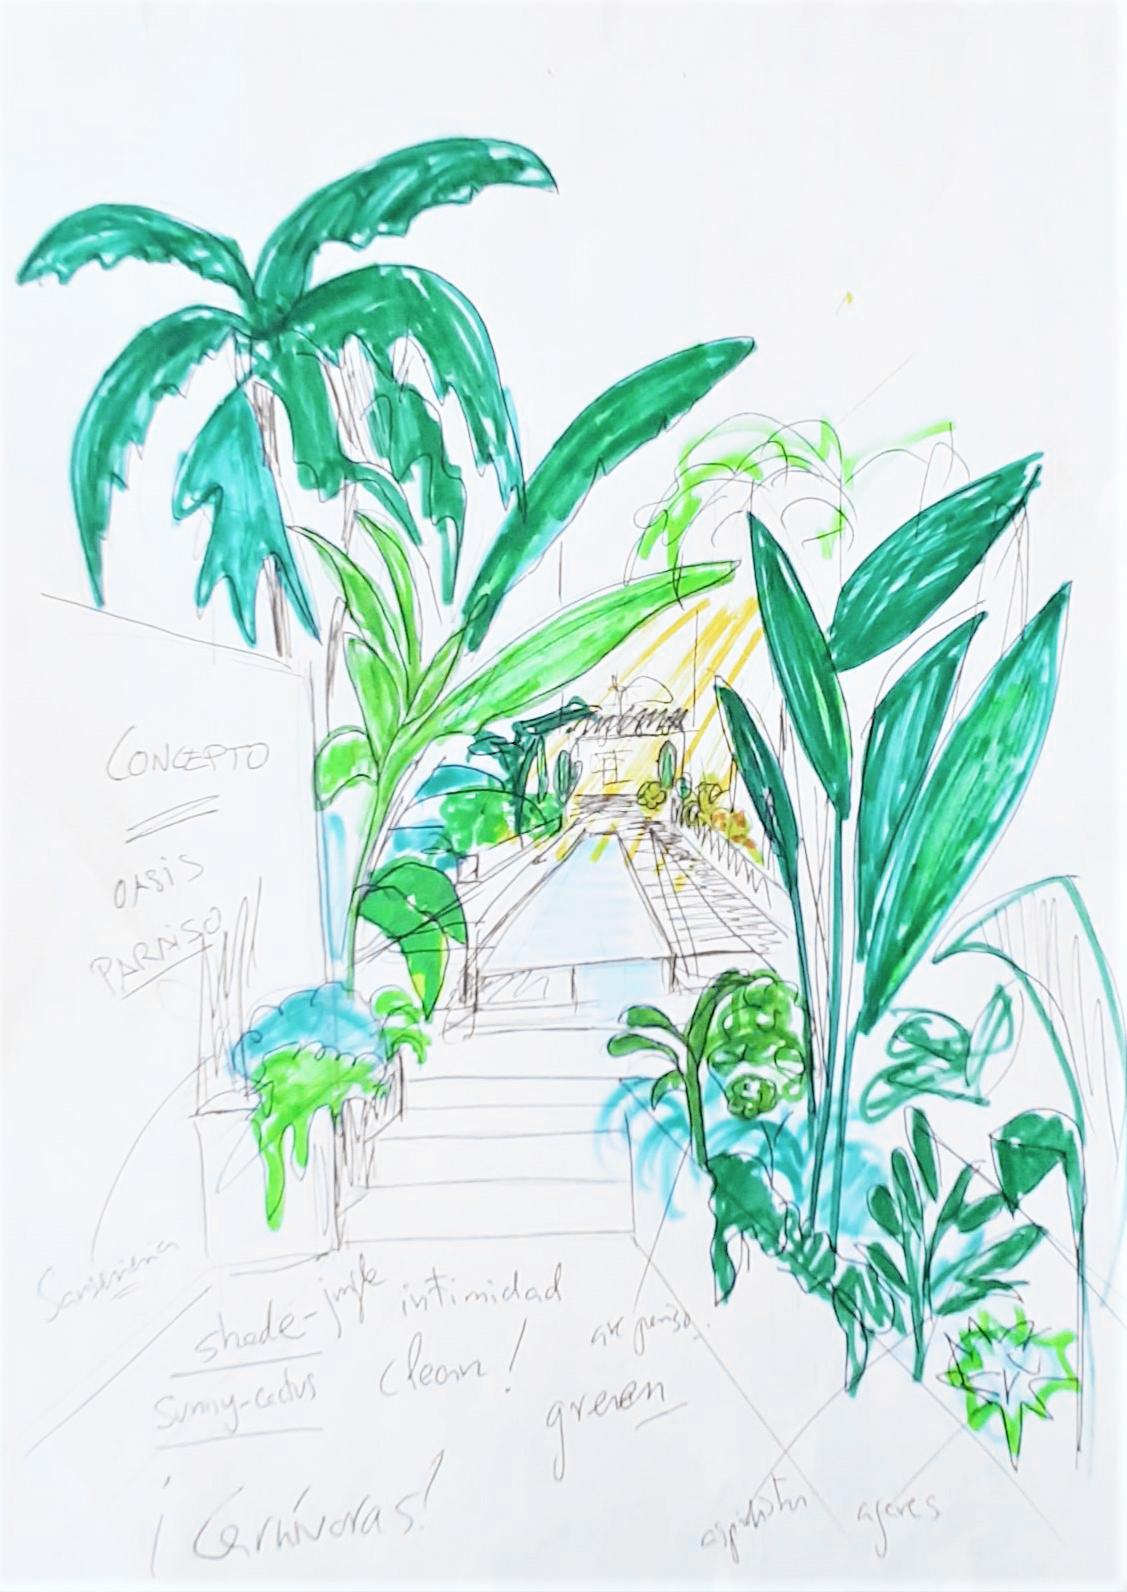 Acuarela mostrando el Jardín Jungle Vibes diseñado por Margalida Nadal. La acuarela muestra un jardín estrecho compuesto por palmeras, plantas tropicales y cactus, y una piscina